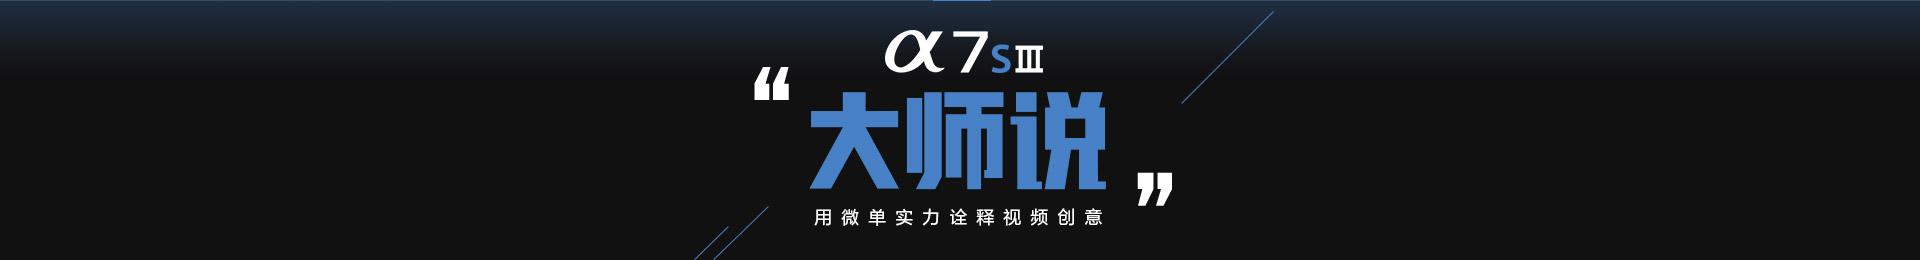 Alpha 7S Ⅲ大师说